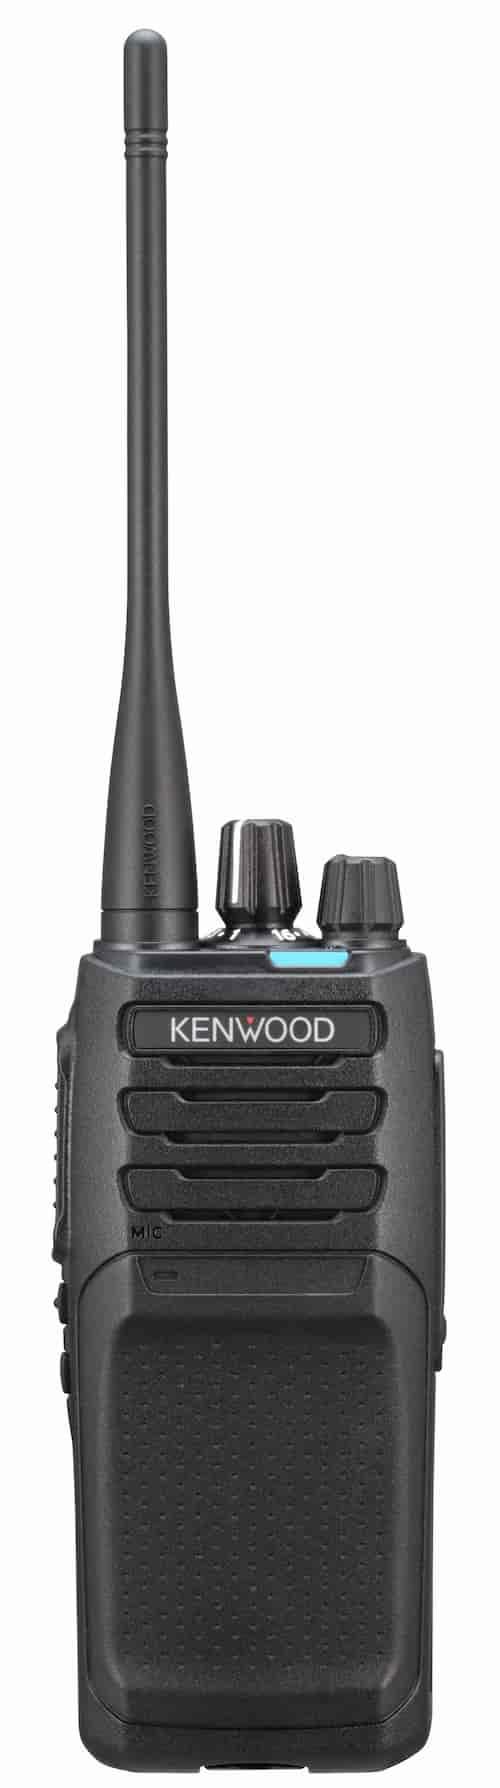 Kenwood NX1000 series radio in black